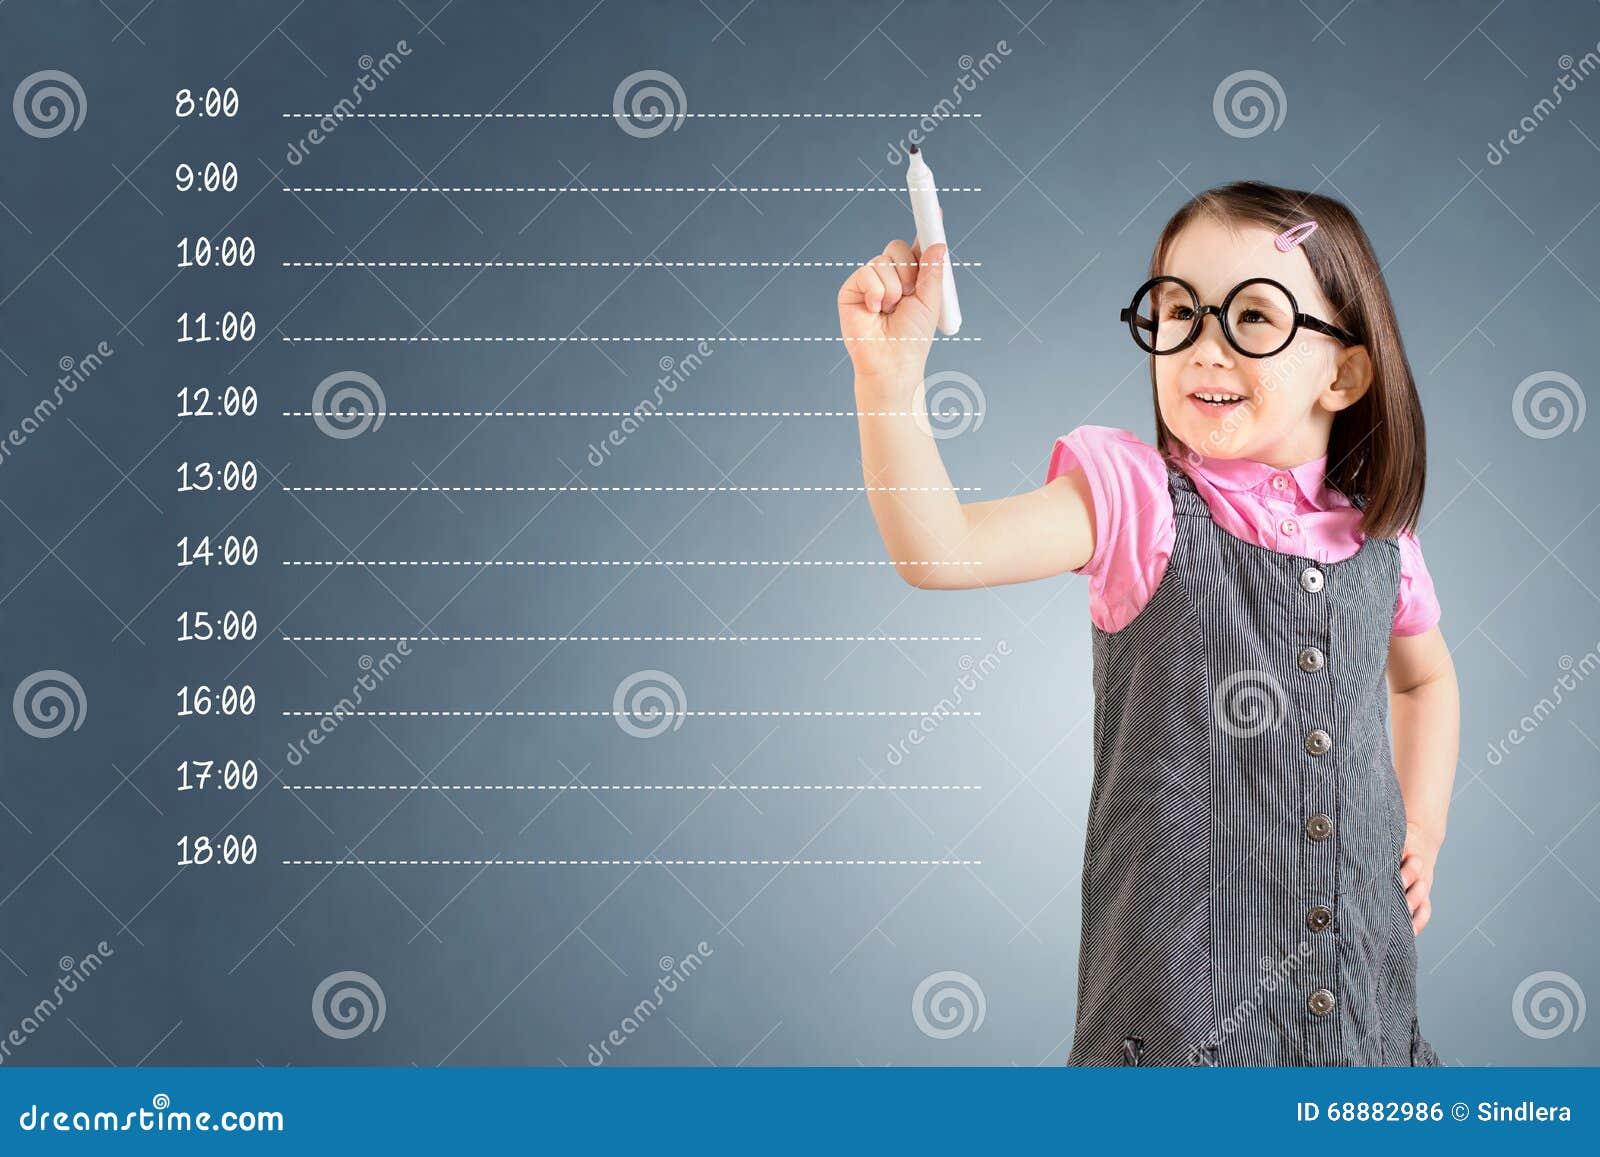 Nettes tragendes Geschäftskleid des kleinen Mädchens und Schreiben der leeren Terminplanung Hintergrund für eine Einladungskarte